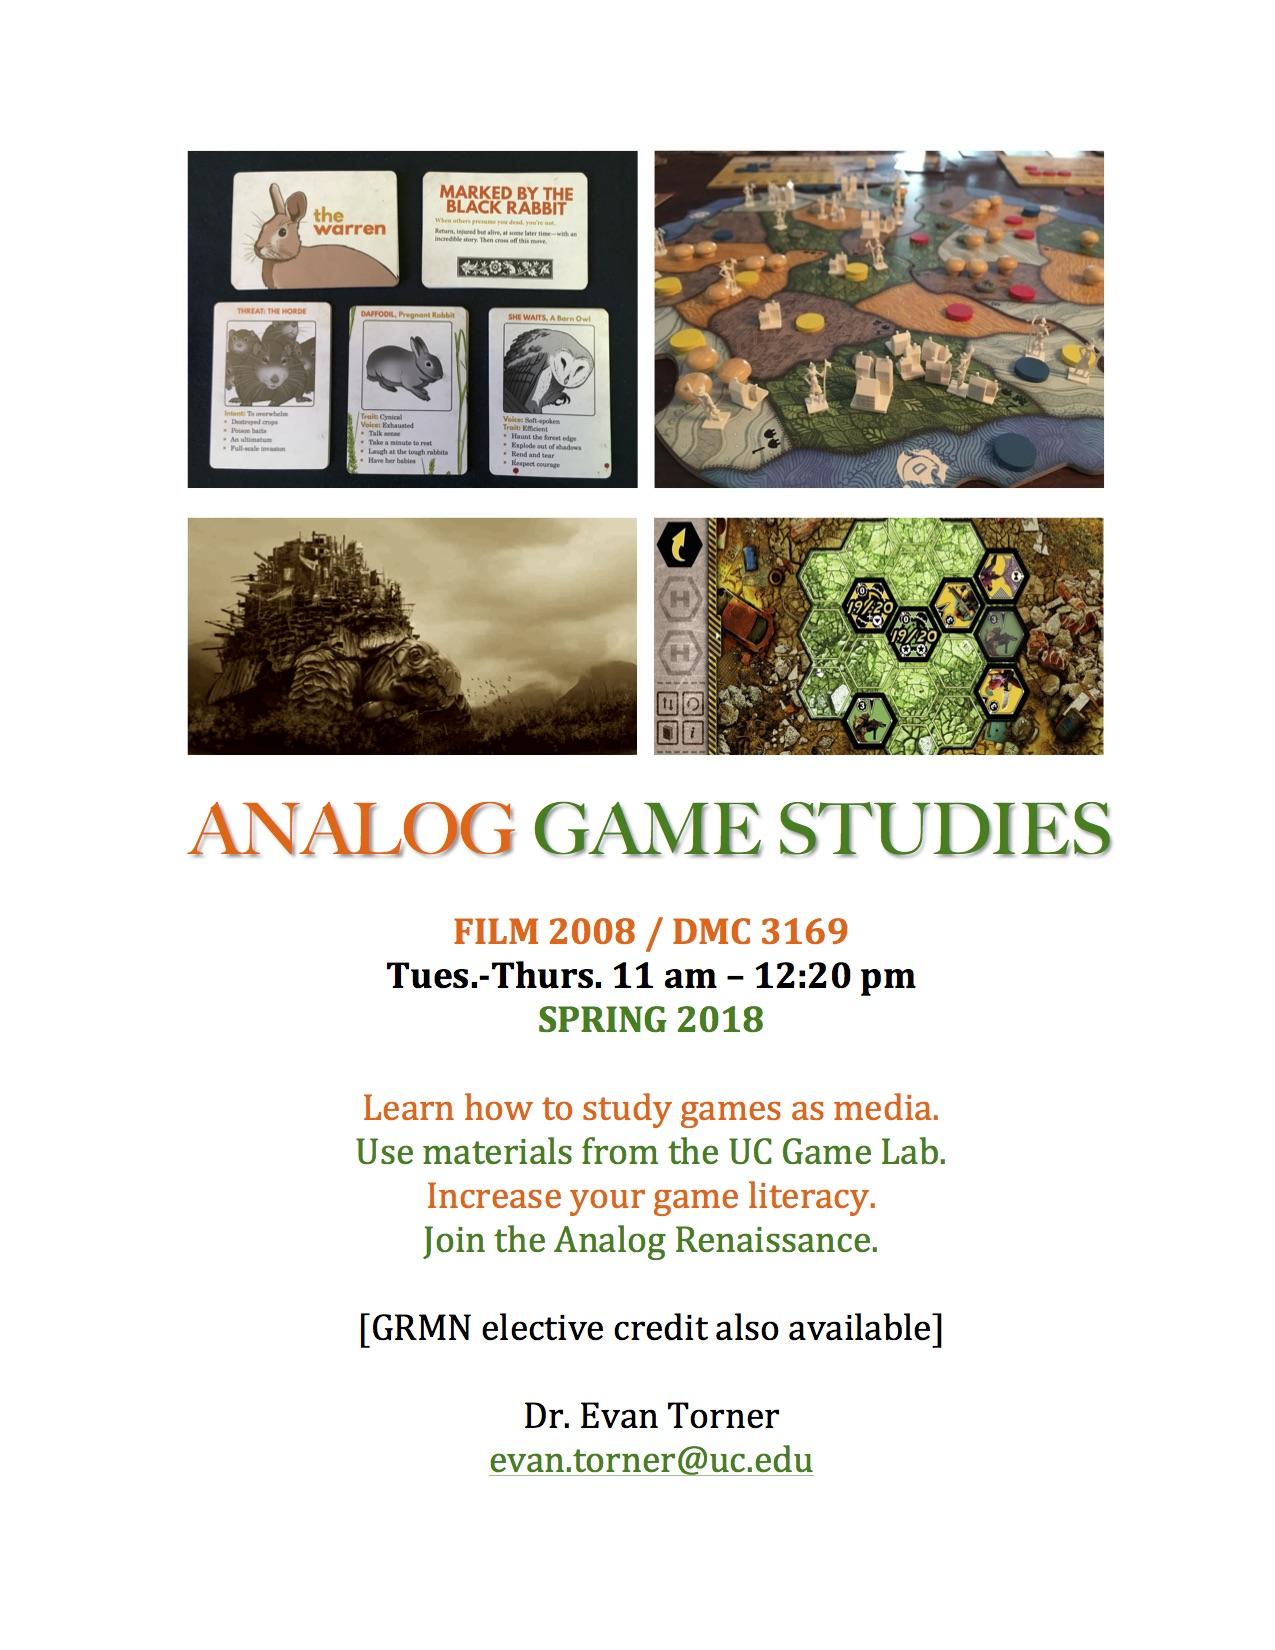 Analog Game Studies FILM 2008 Poster Spring 2018.jpg